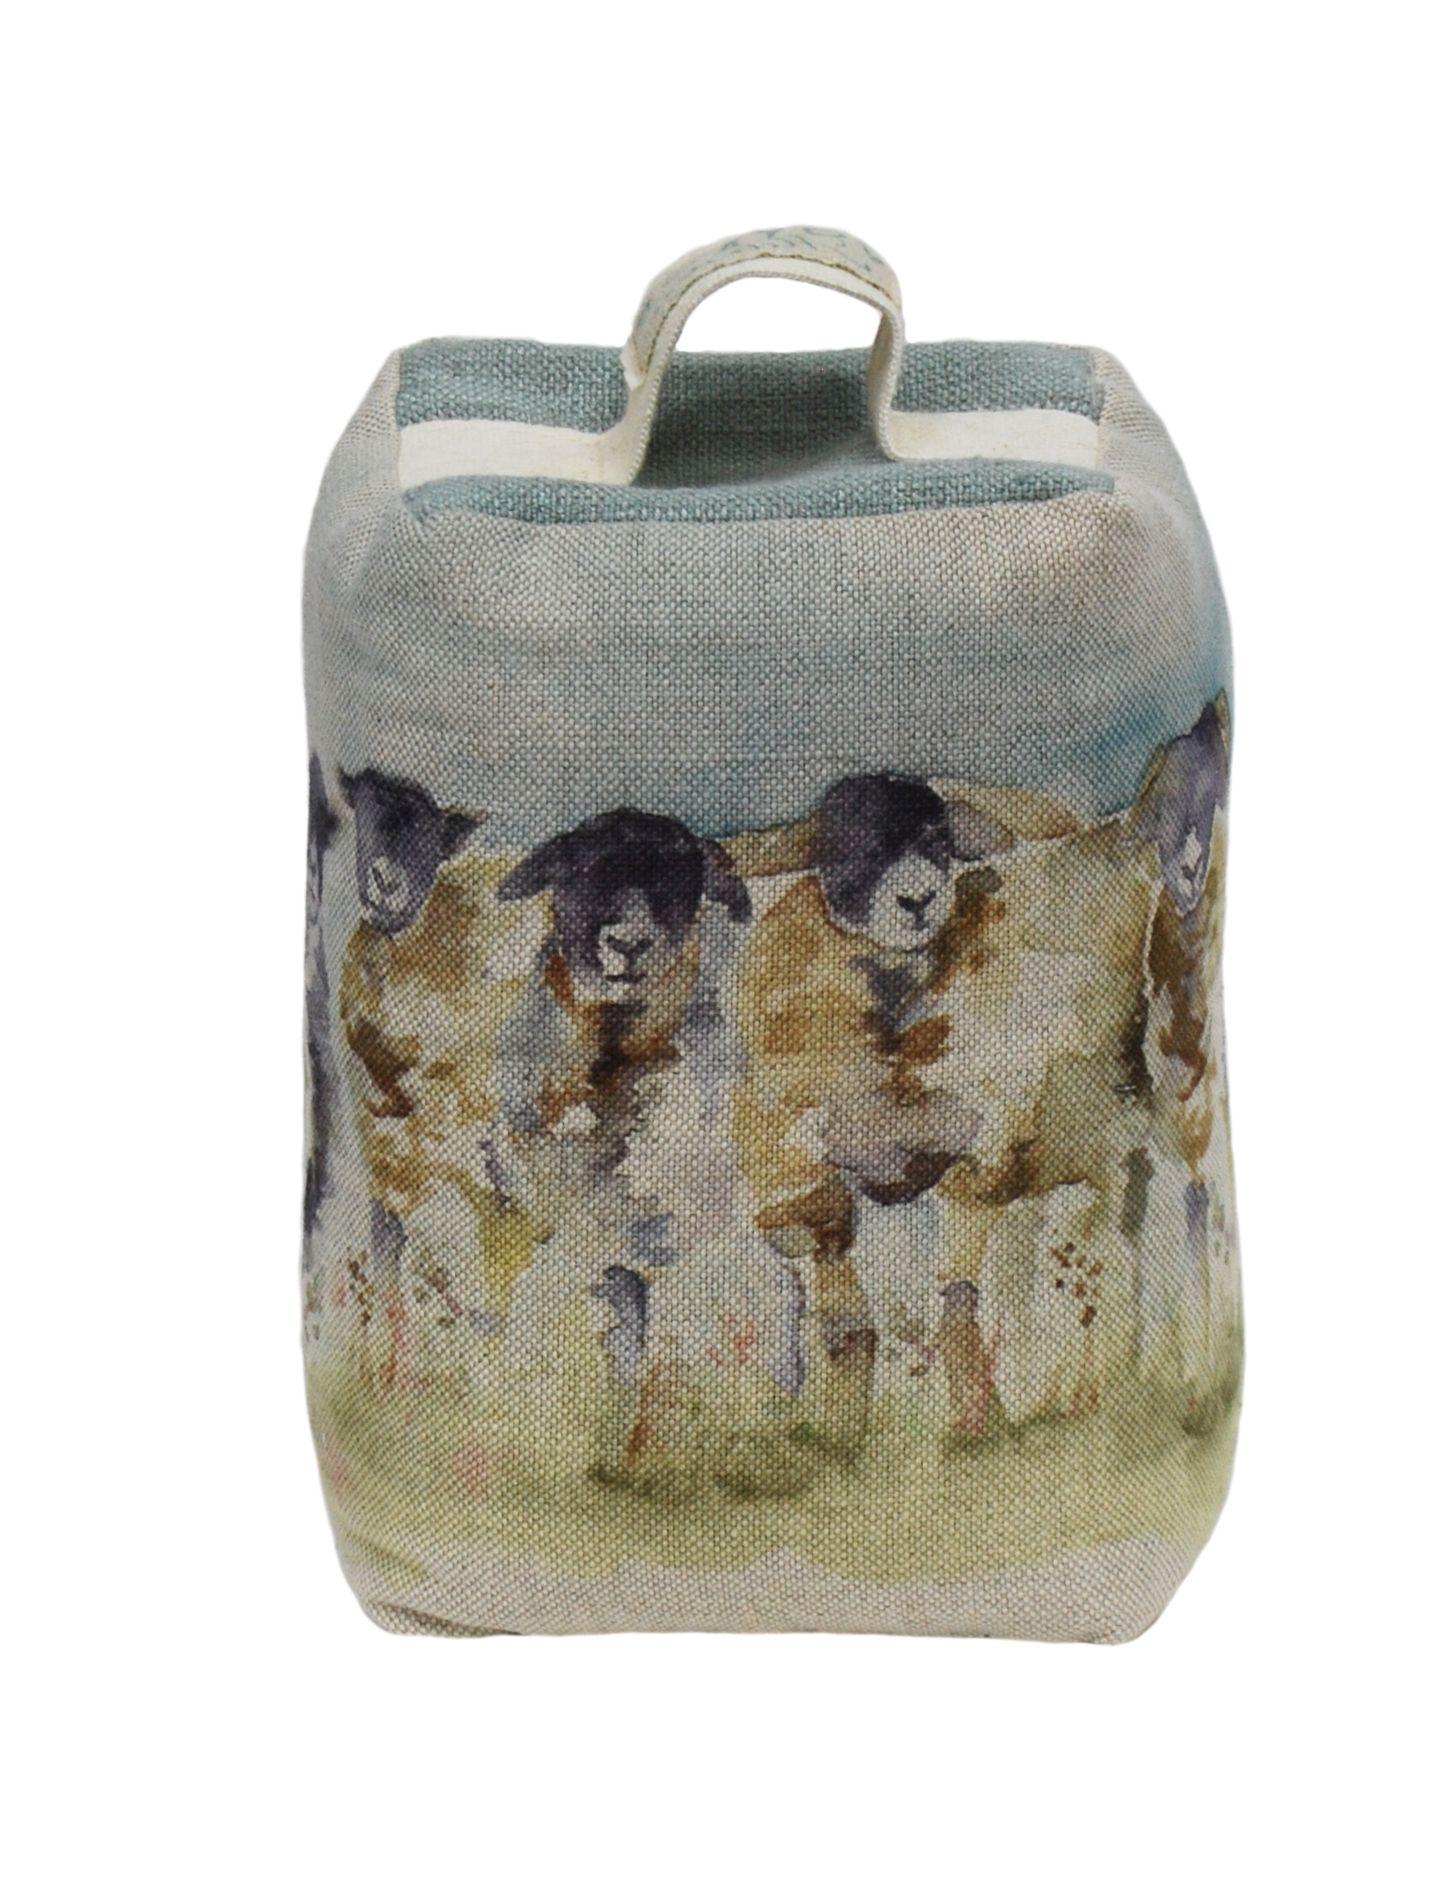 Come By Sheep Doorstop 15cmHx9cm W